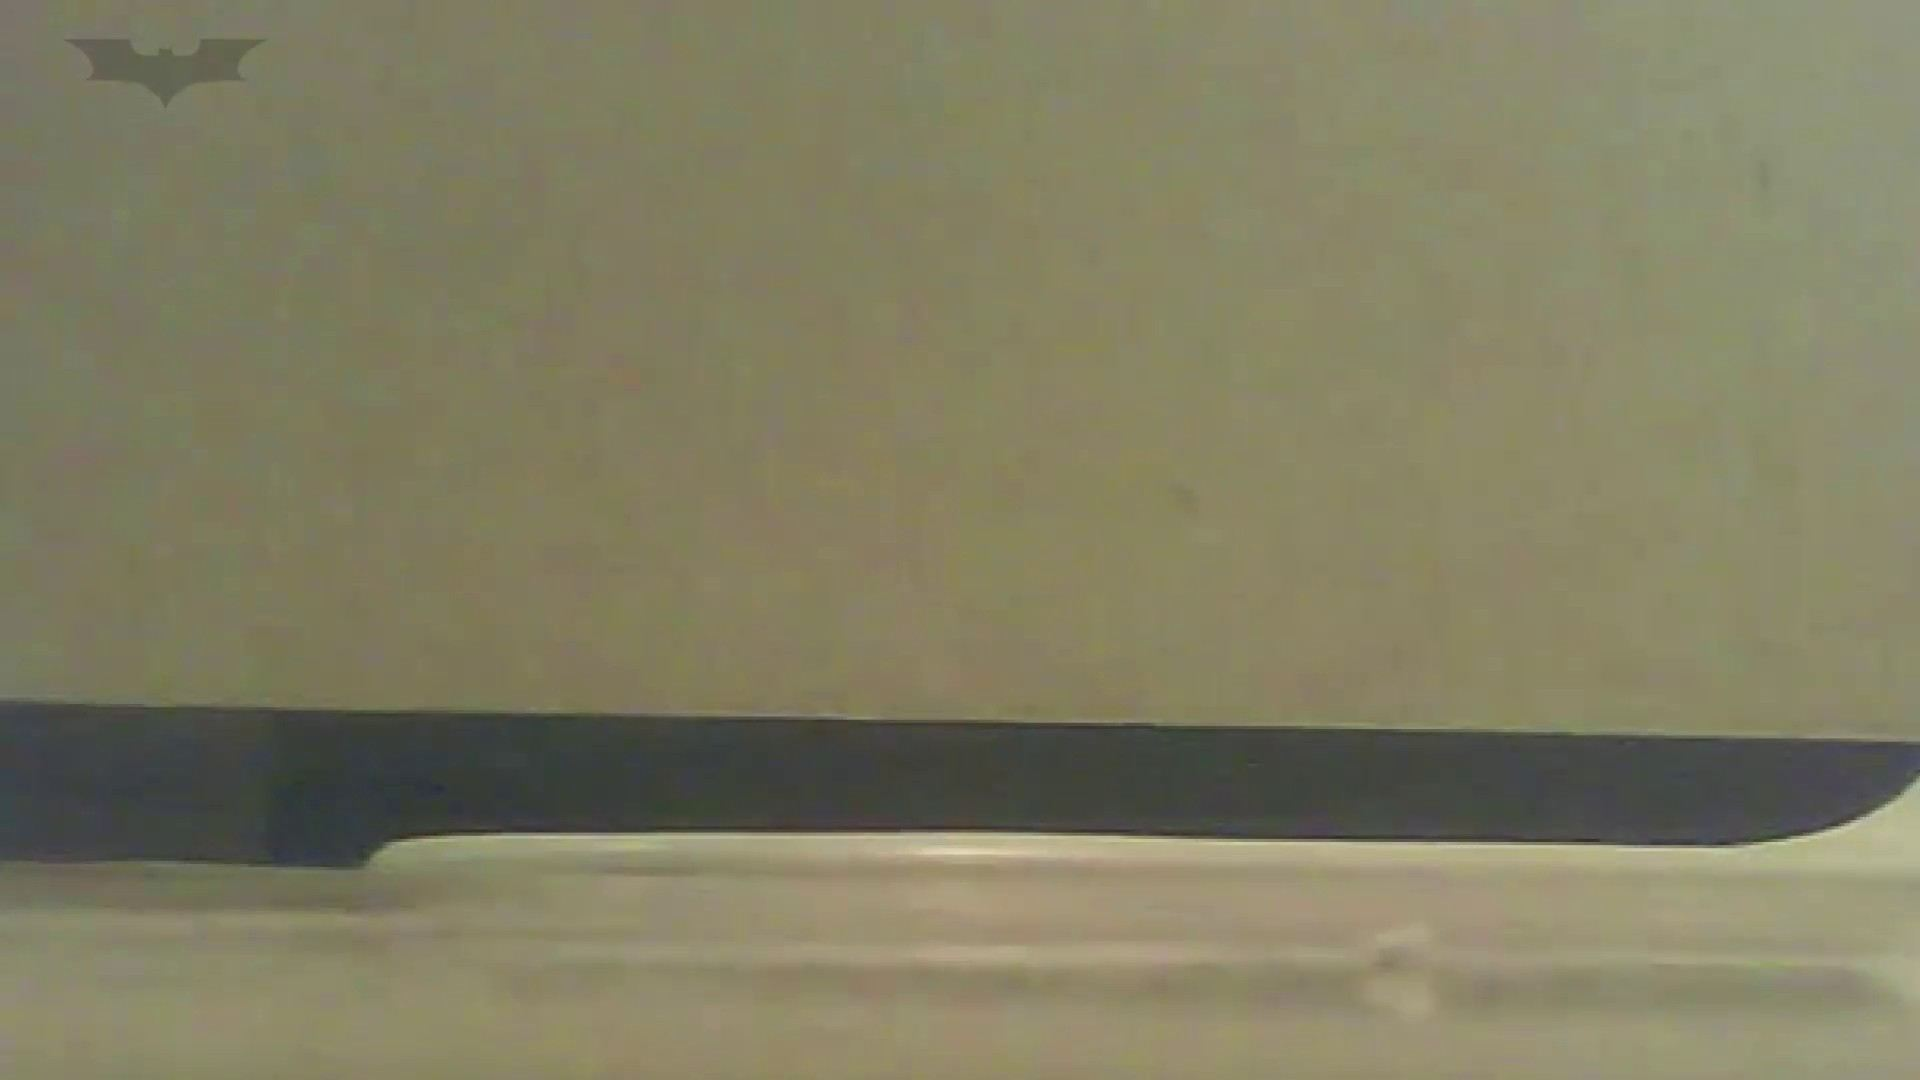 夏の思い出浜辺トイレ盗撮Vol.17 盗撮  81PIX 46